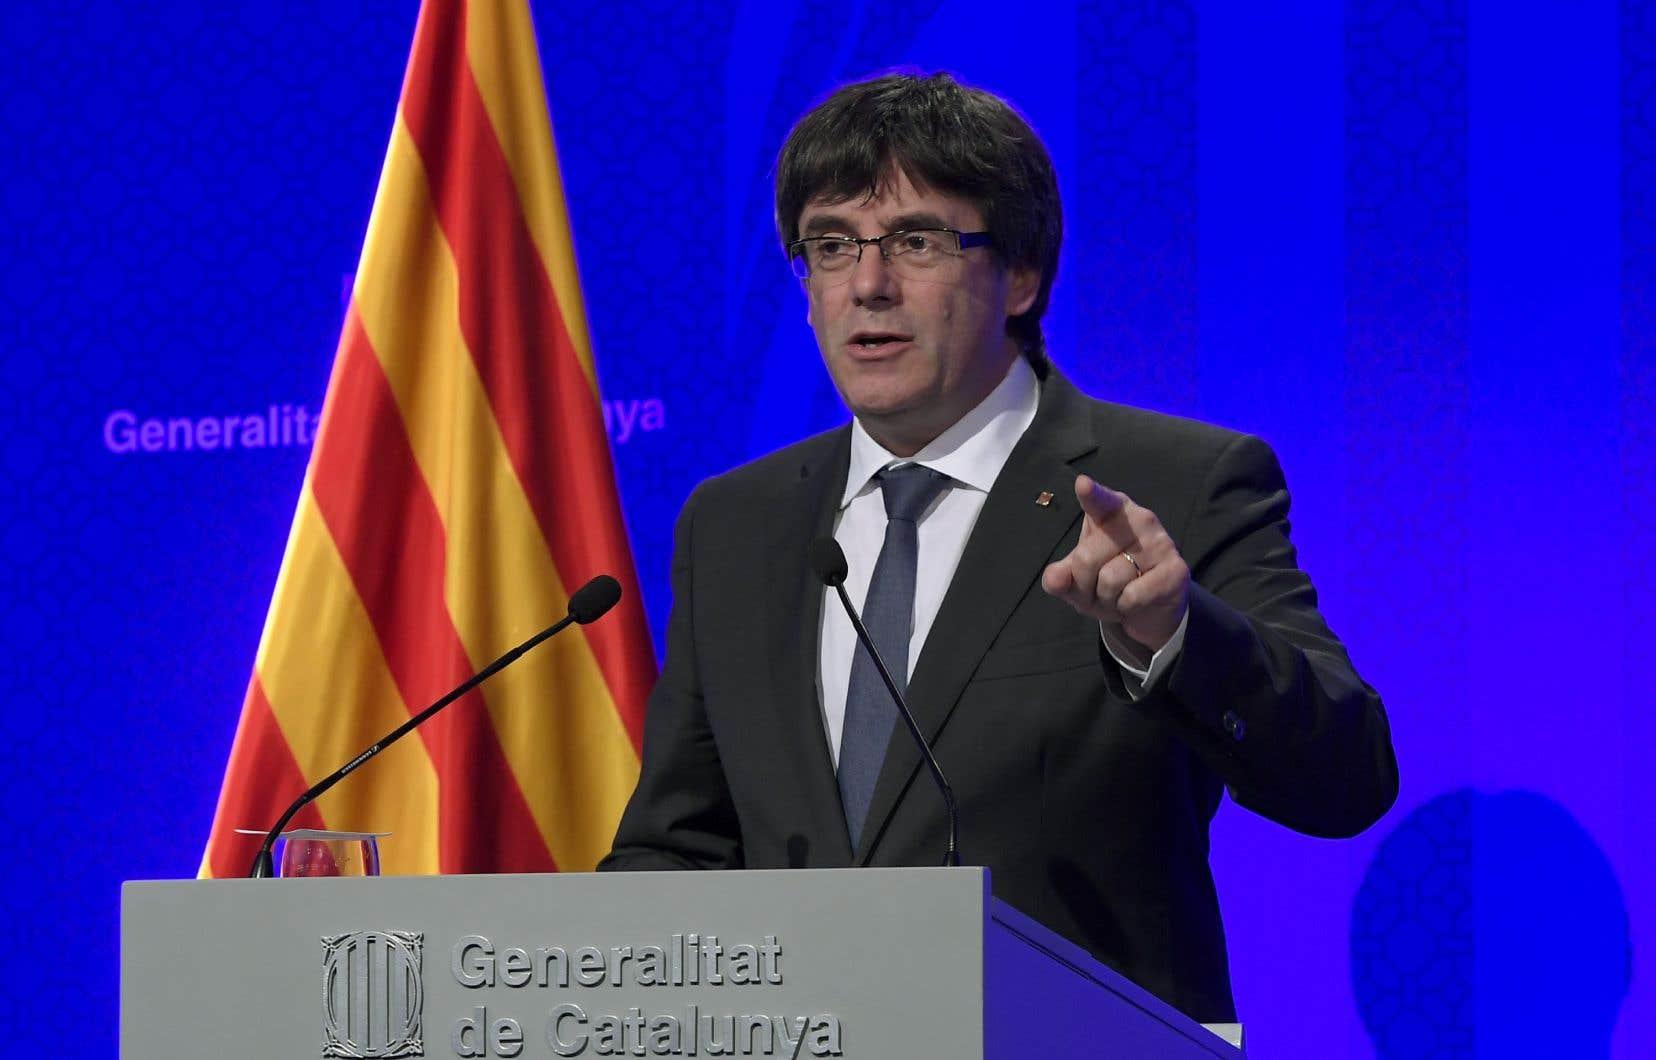 Le président catalan, Carles Puigdemont, considère que les citoyens de Catalogne ont gagné «le droit d'avoir un État indépendant qui prenne la forme d'une République».